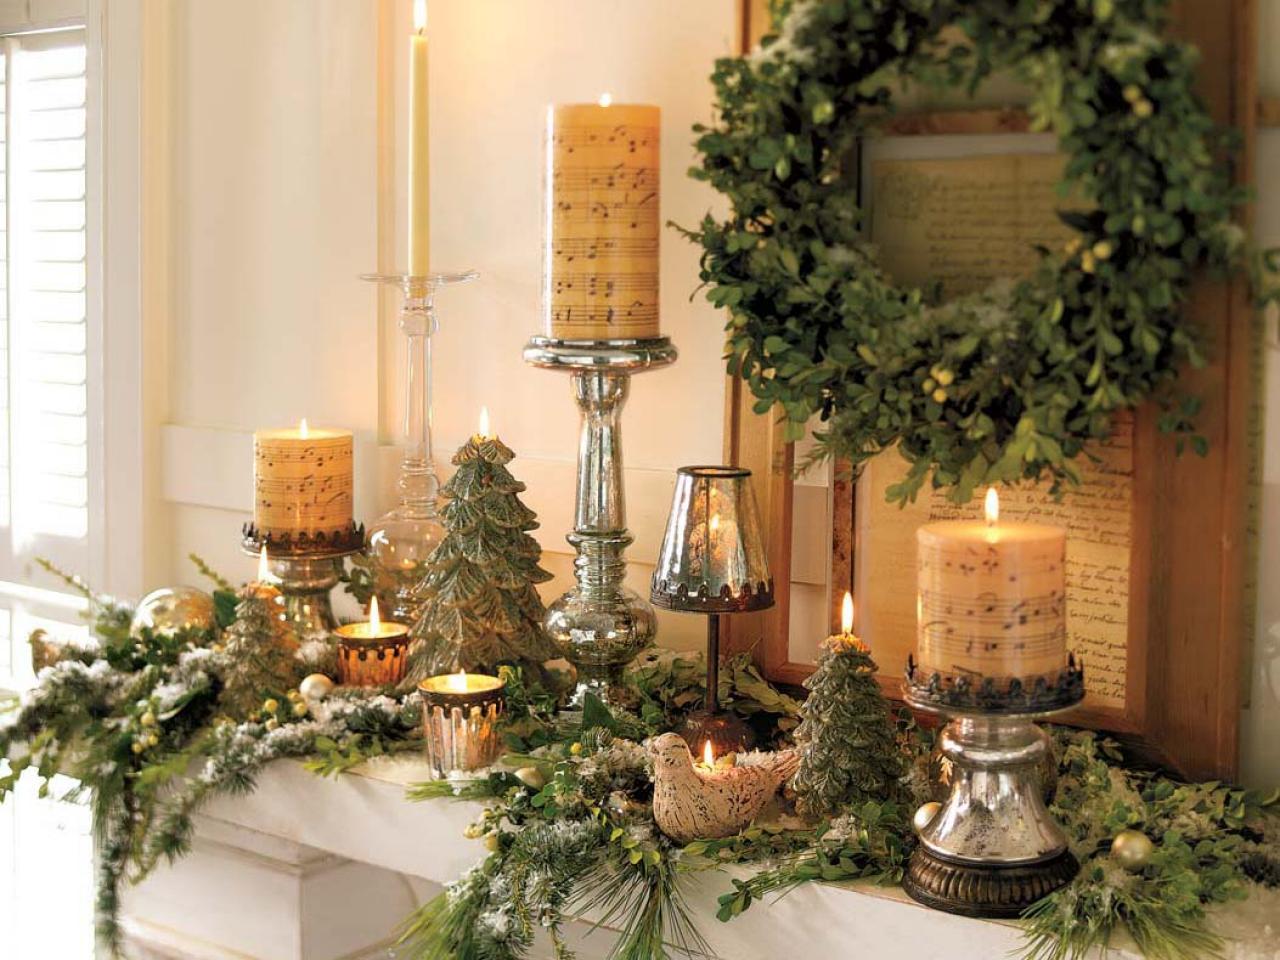 Weihnachtsdekorationen - Kaminsims